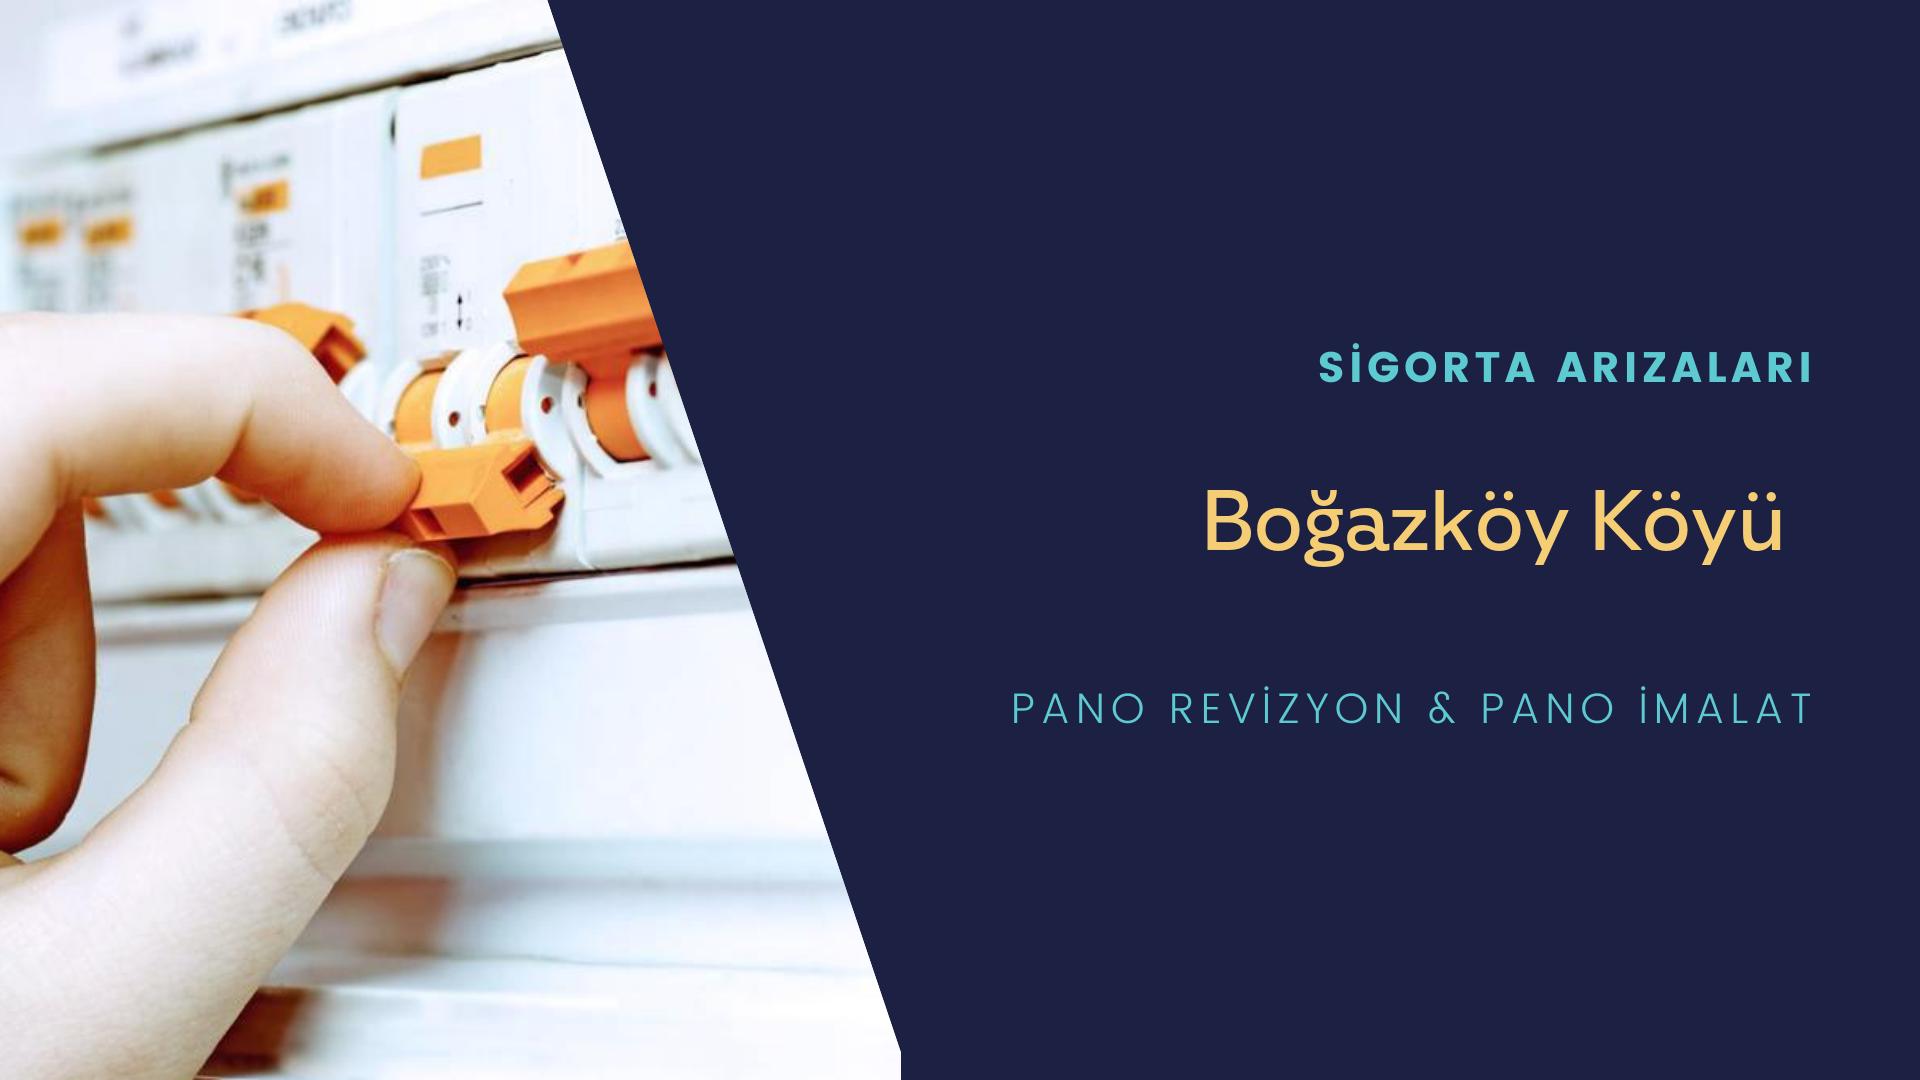 Boğazköy Köyü Sigorta Arızaları İçin Profesyonel Elektrikçi ustalarımızı dilediğiniz zaman arayabilir talepte bulunabilirsiniz.